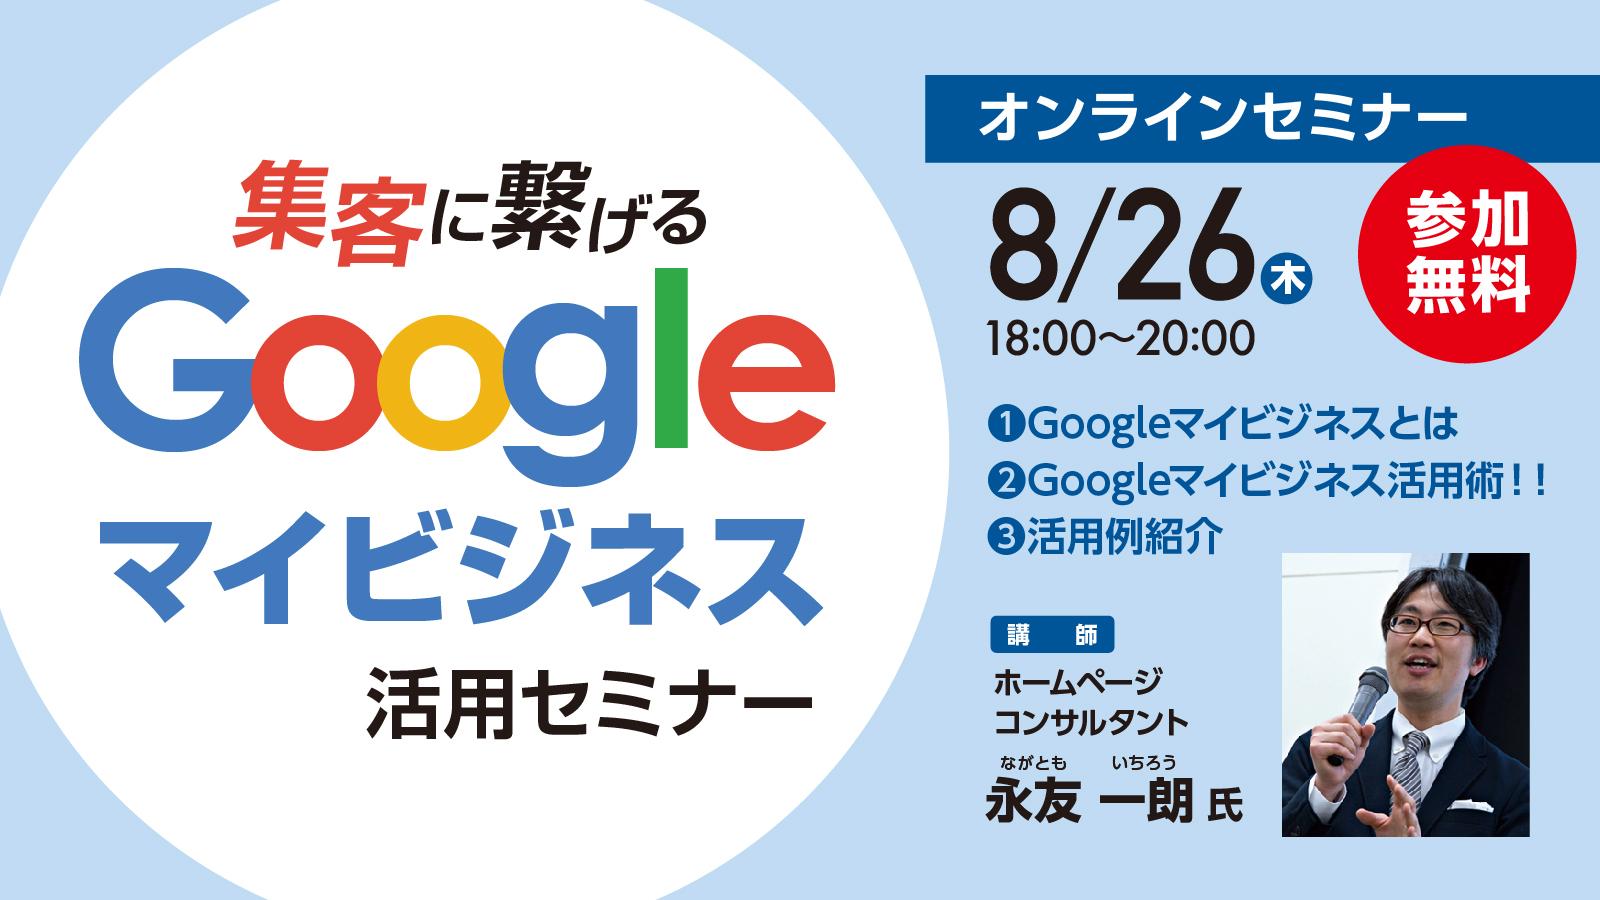 集客に繋げるGoogleマイビジネス活用セミナー